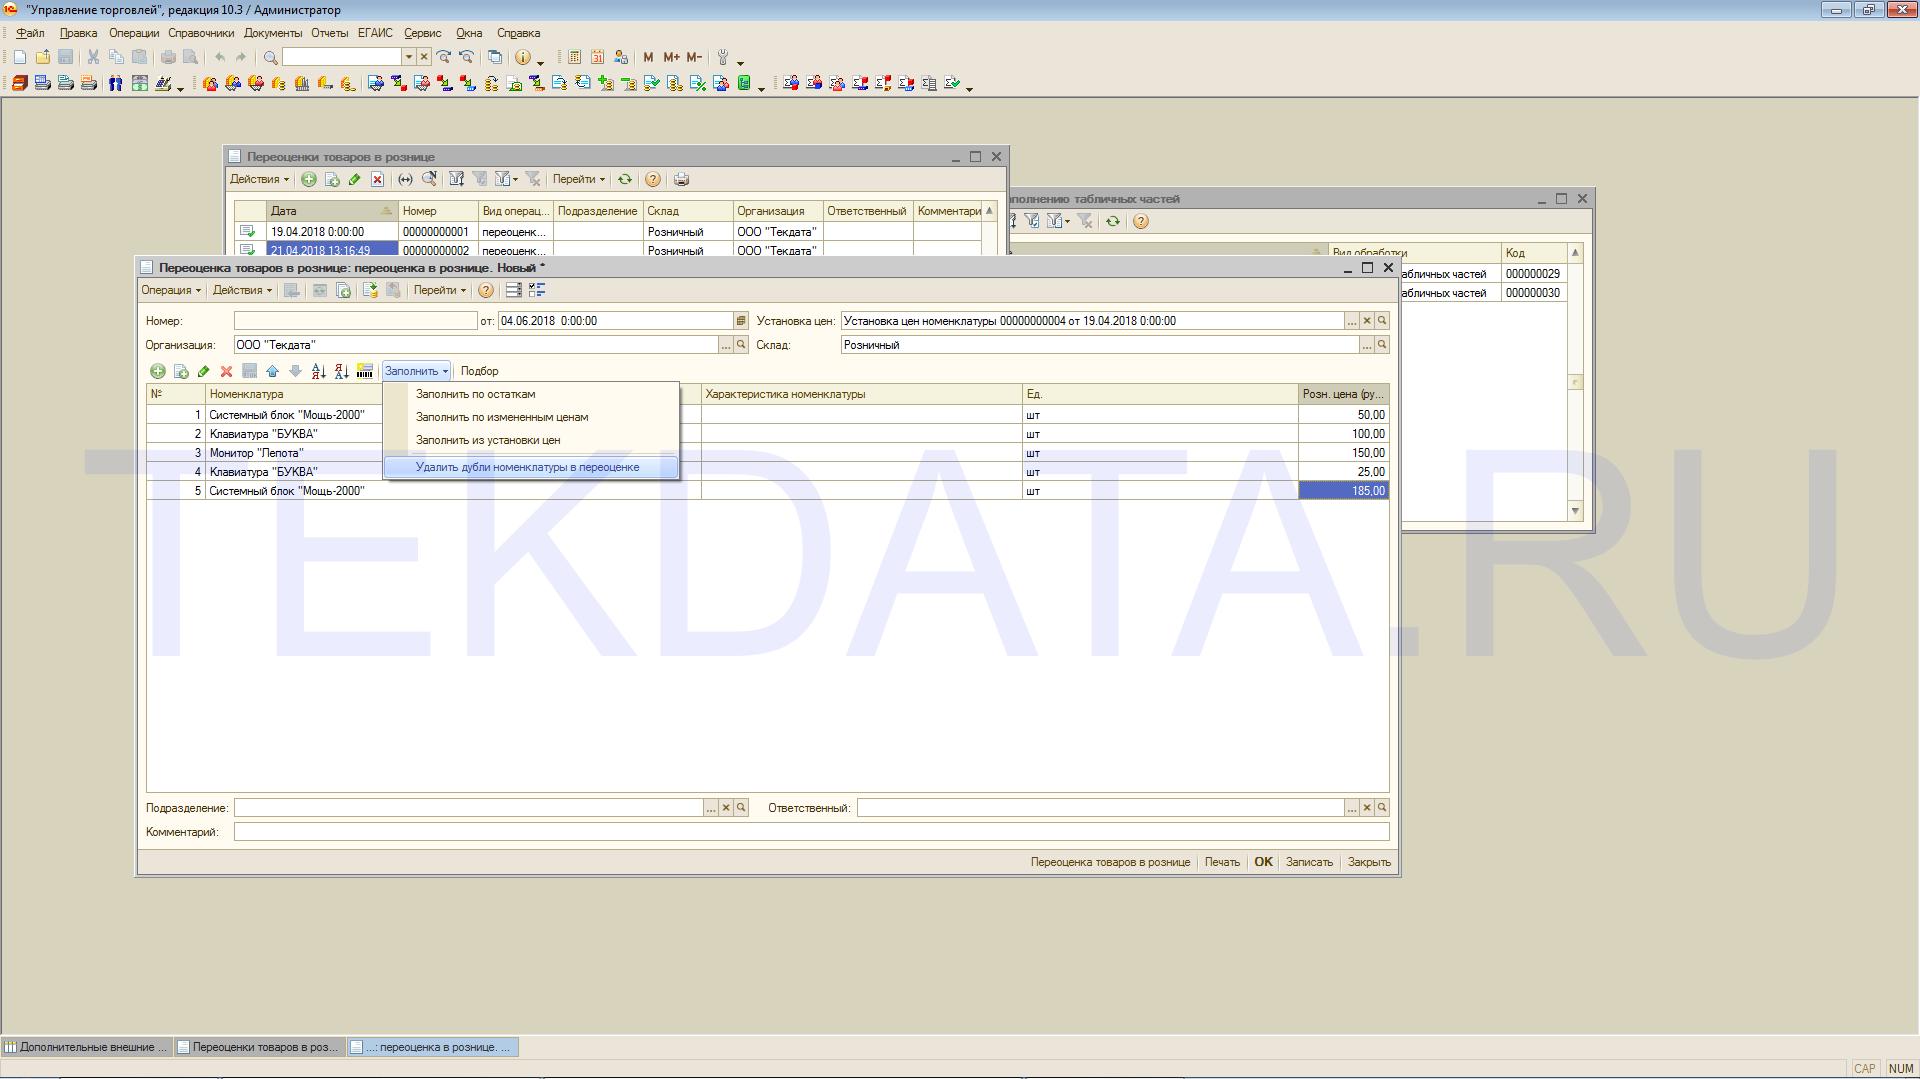 Обработка удаления дублей номенклатуры в документе Переоценка для УТ 10.3